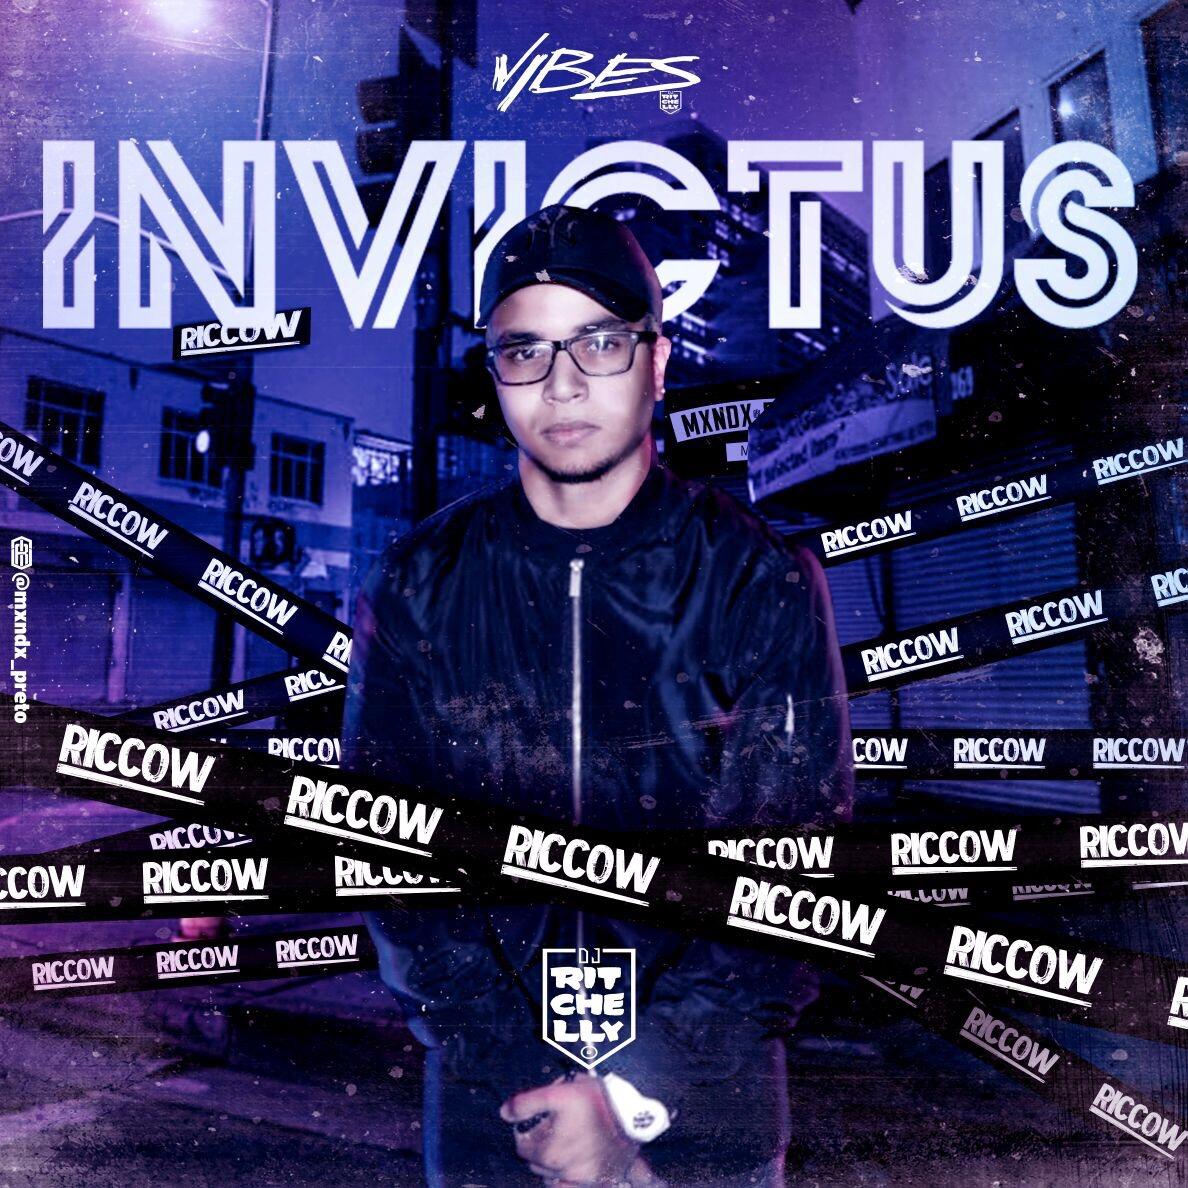 INVICTUS (Riccow)